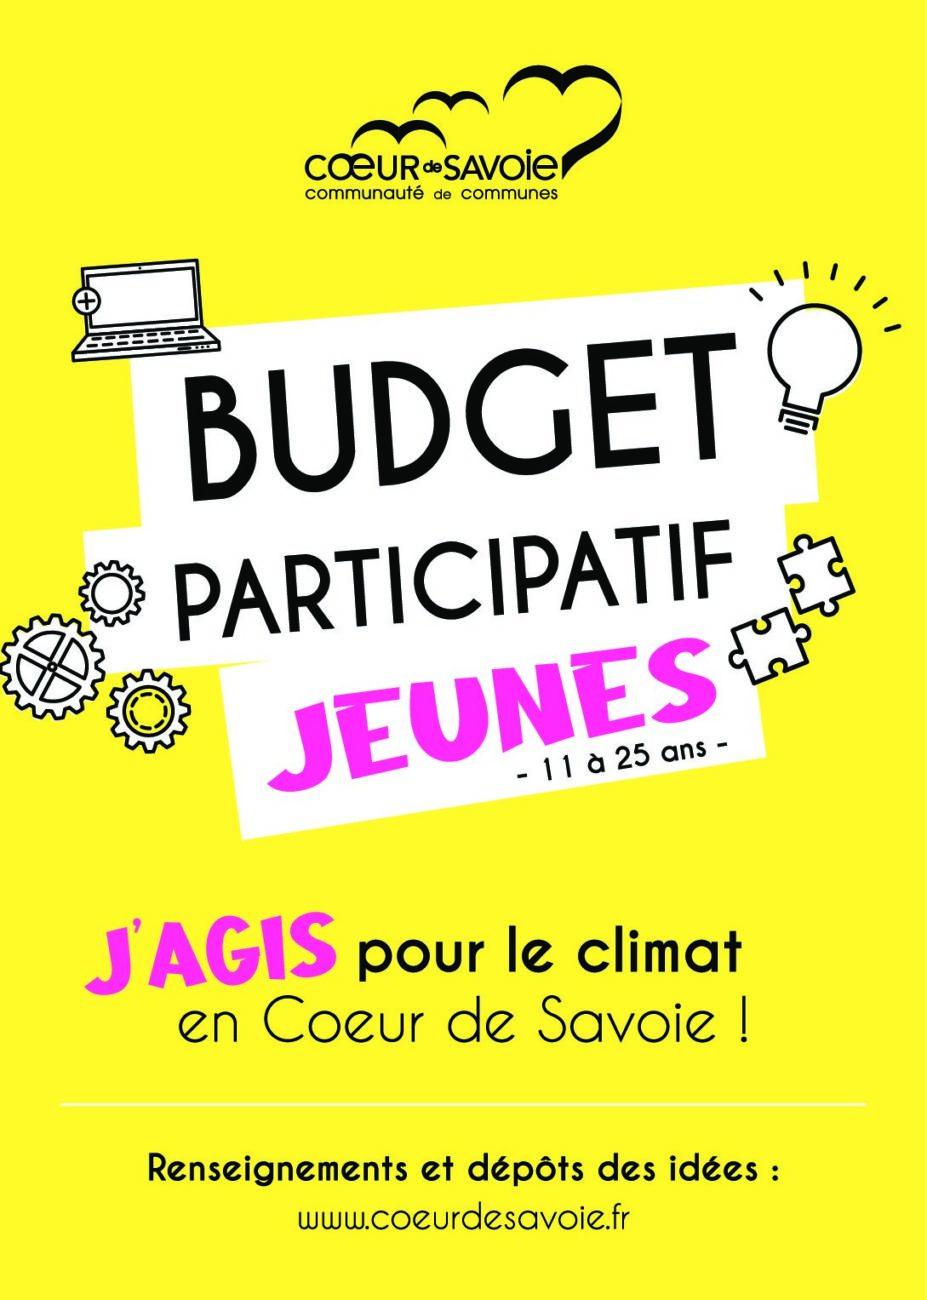 Lancement d'un budget participatif jeunes